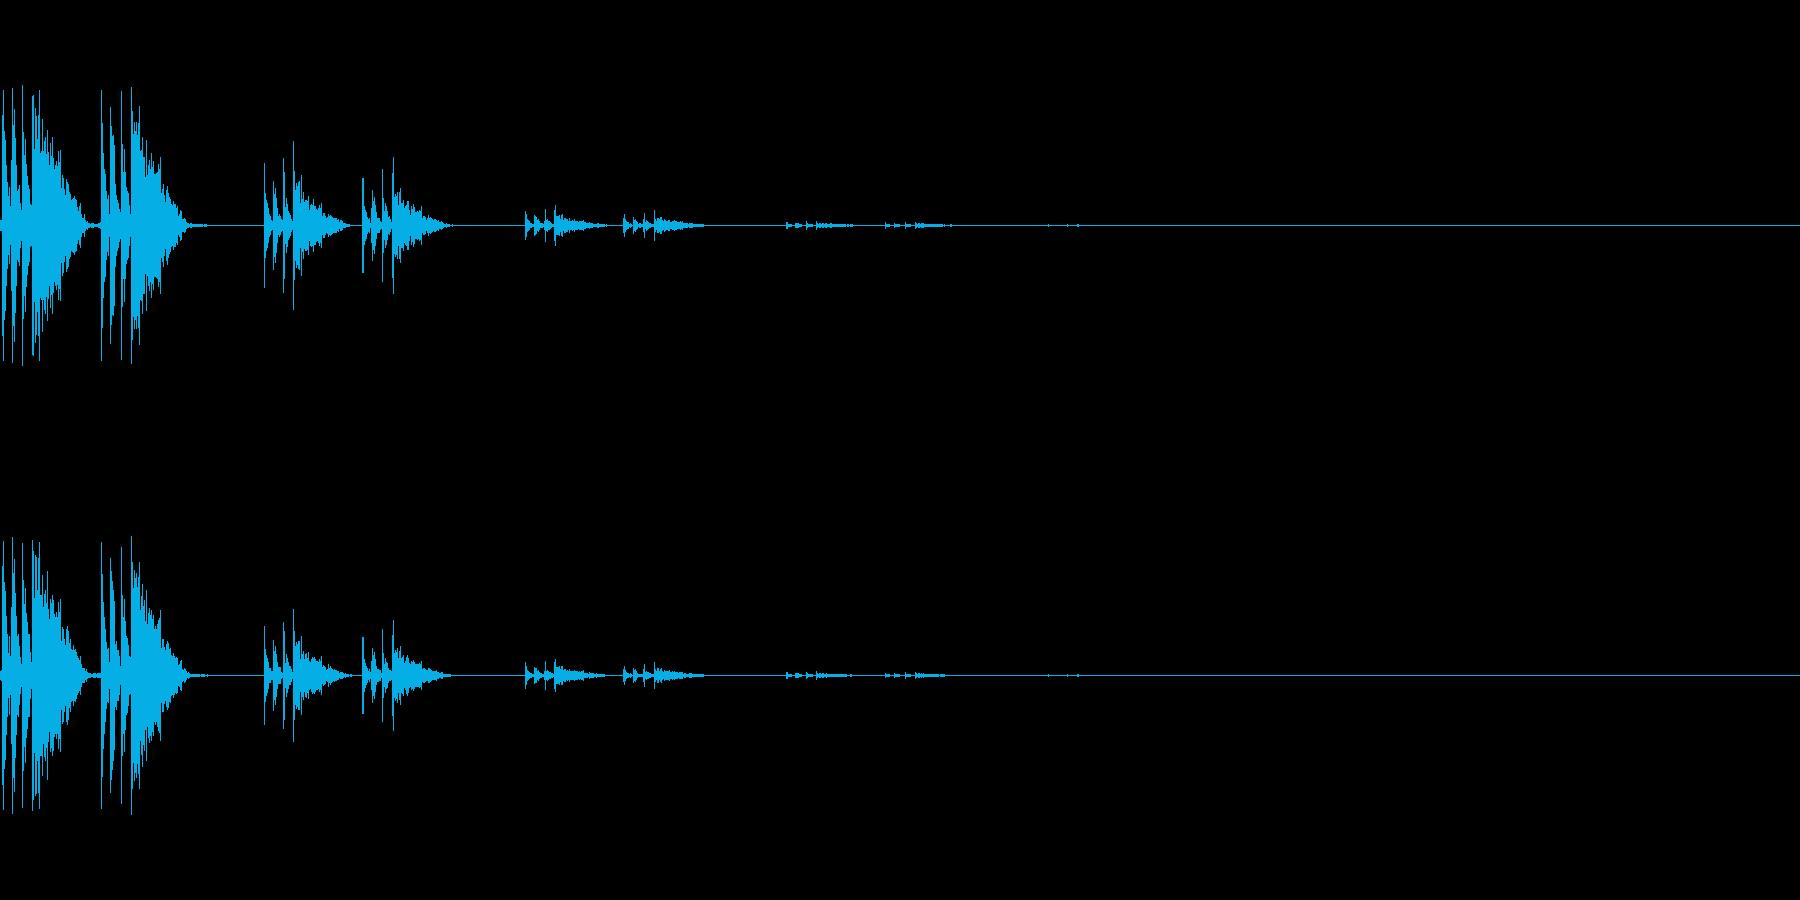 【アクセント04-4】の再生済みの波形